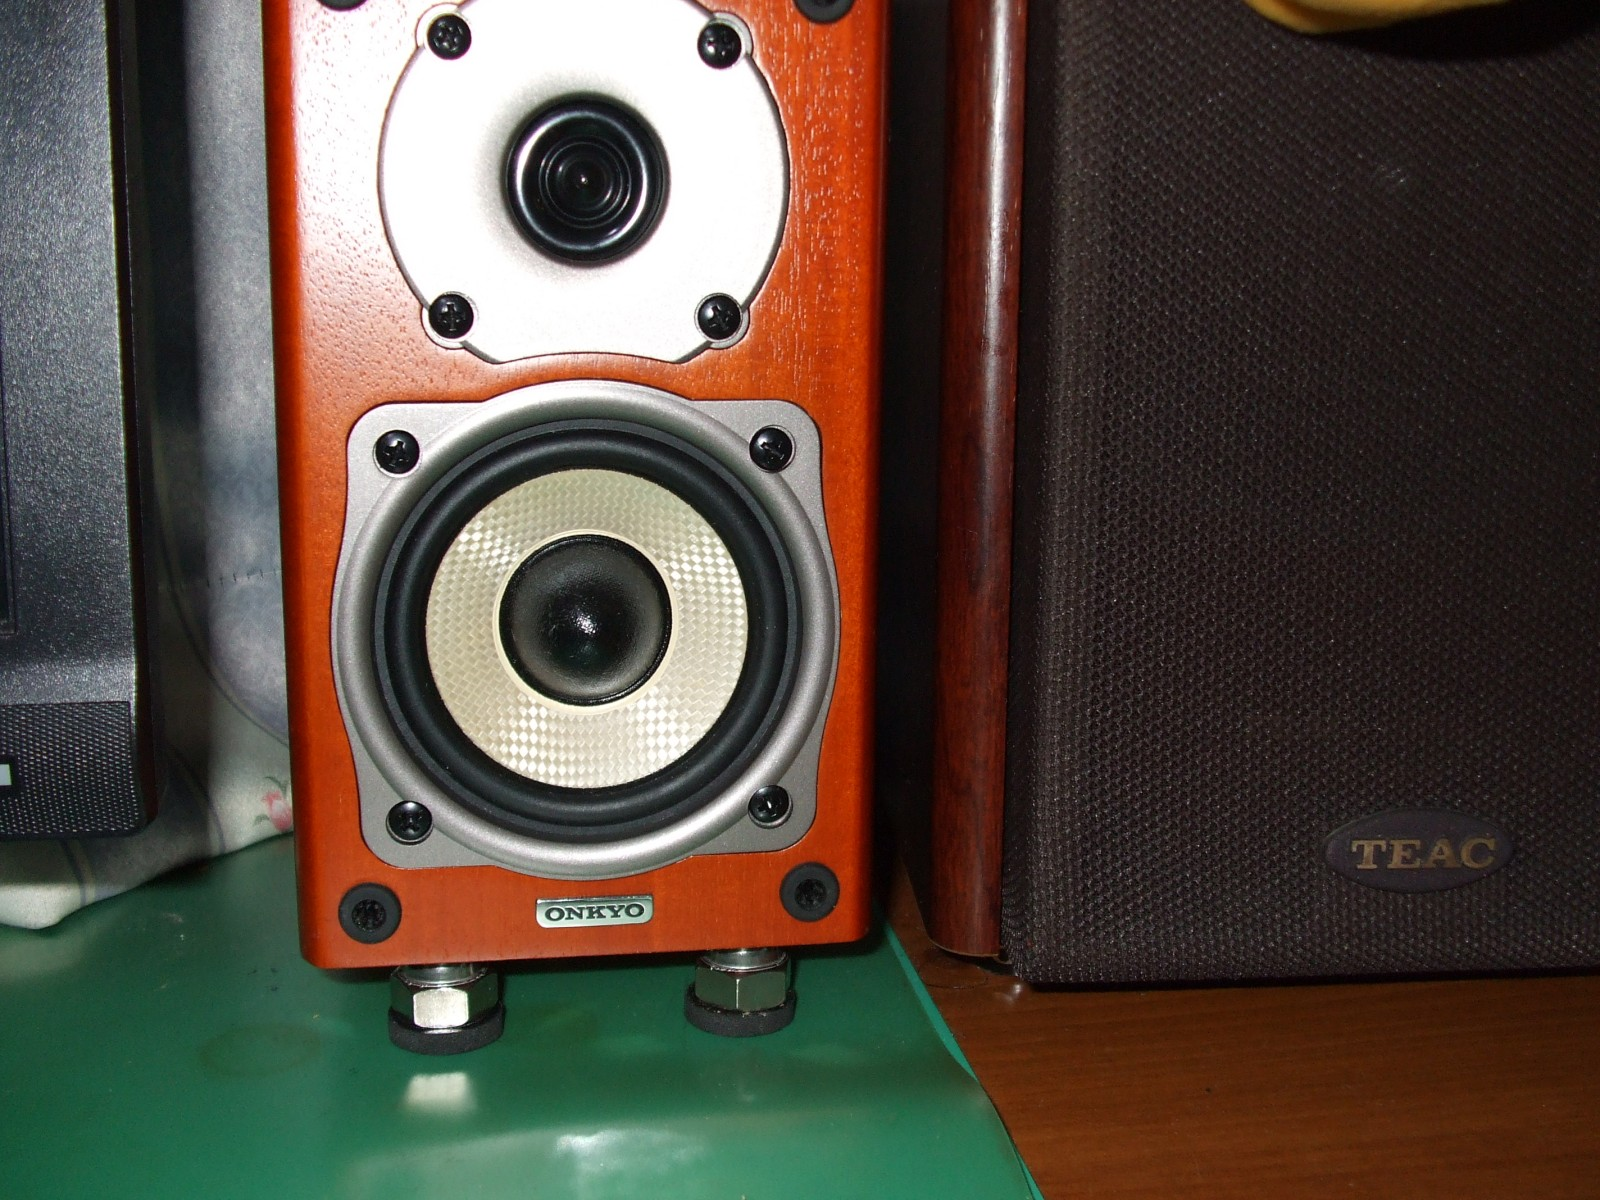 b0176333_2010023.jpg